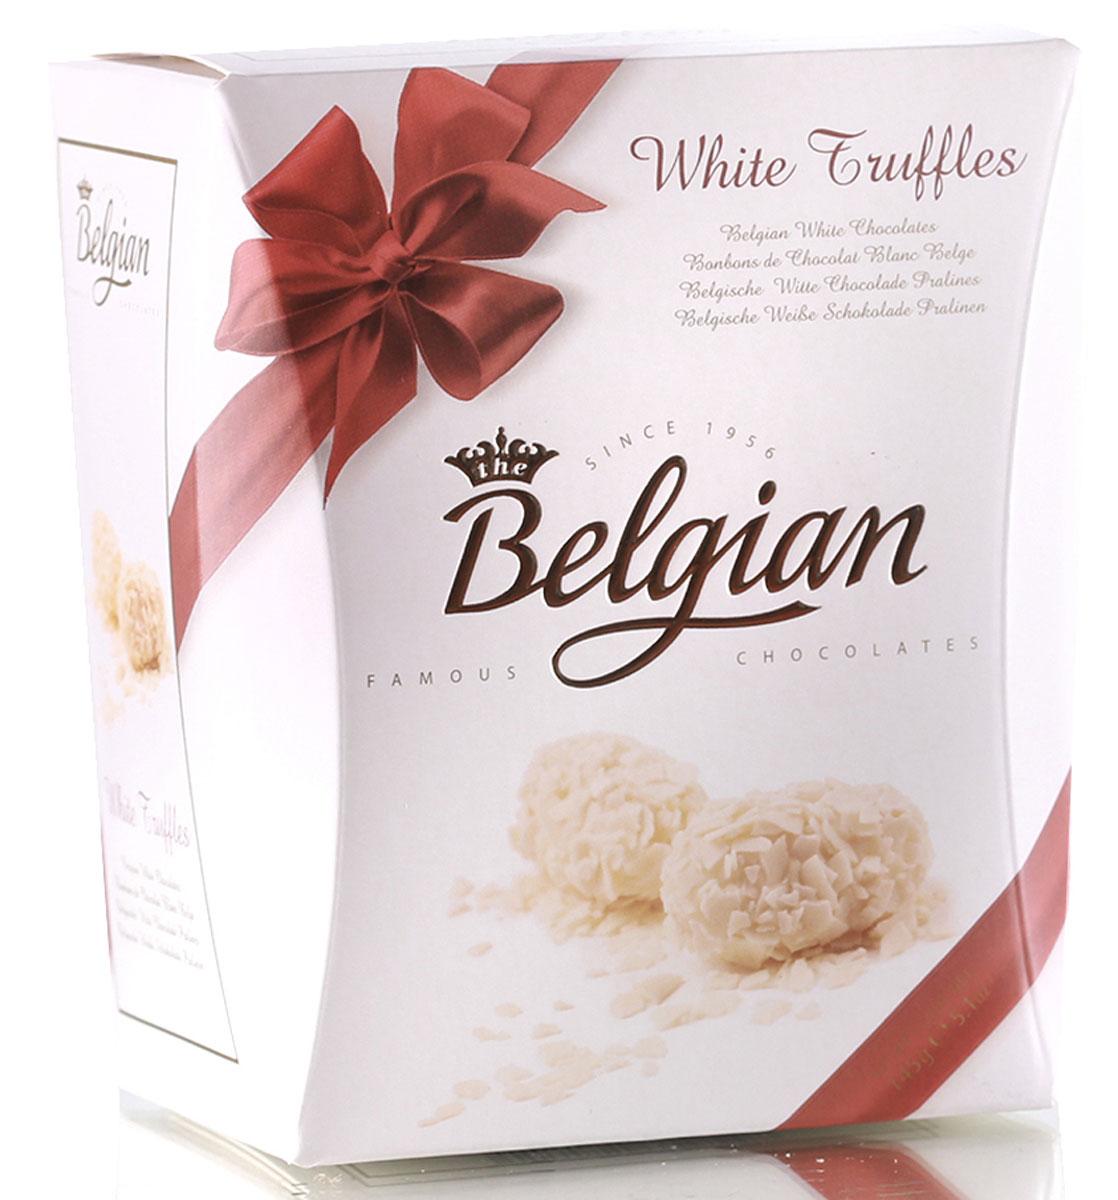 The Belgian Трюфели из белого шоколада в хлопьях, 145 г7.37.05Сладкий, нежный и мягкий белый шоколад, наполненный чудесными сливочно-карамельными тонами, приятно контрастирует с хрустящими хлопьями. Трюфели замечательно гармонируют с чаем, кофе и капучино. Их можно подать к молоку или какао.